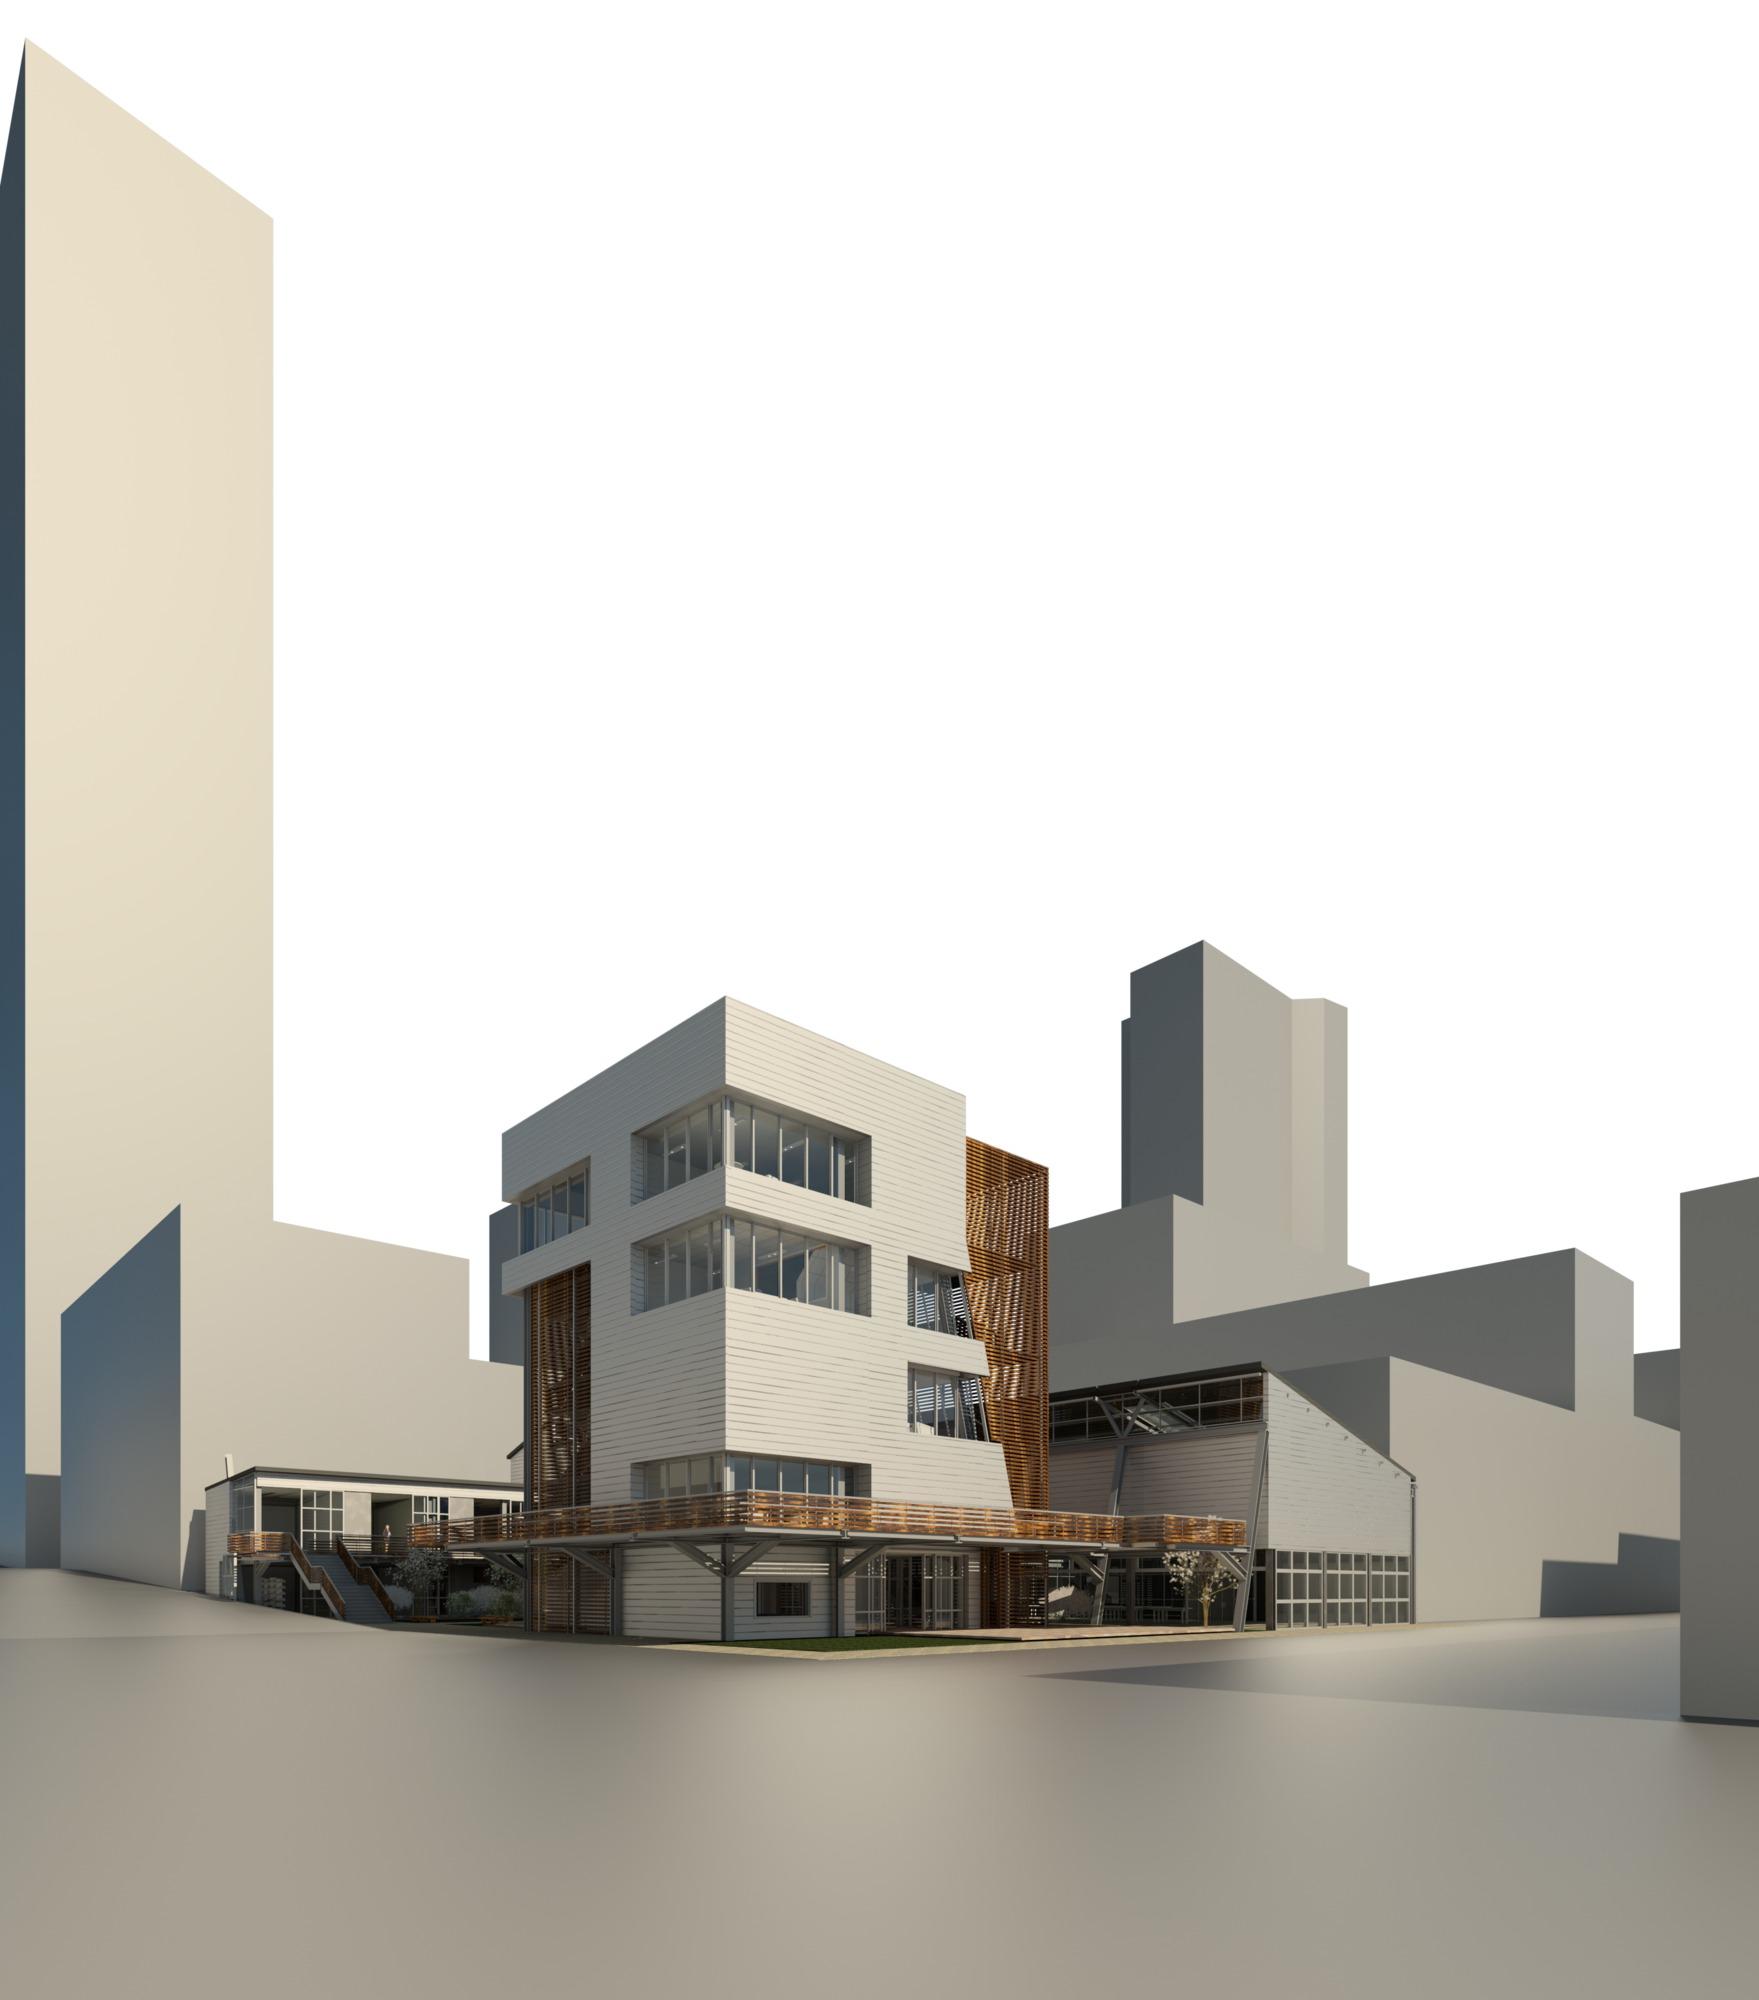 Raas-rendering20150102-11359-1covdf5